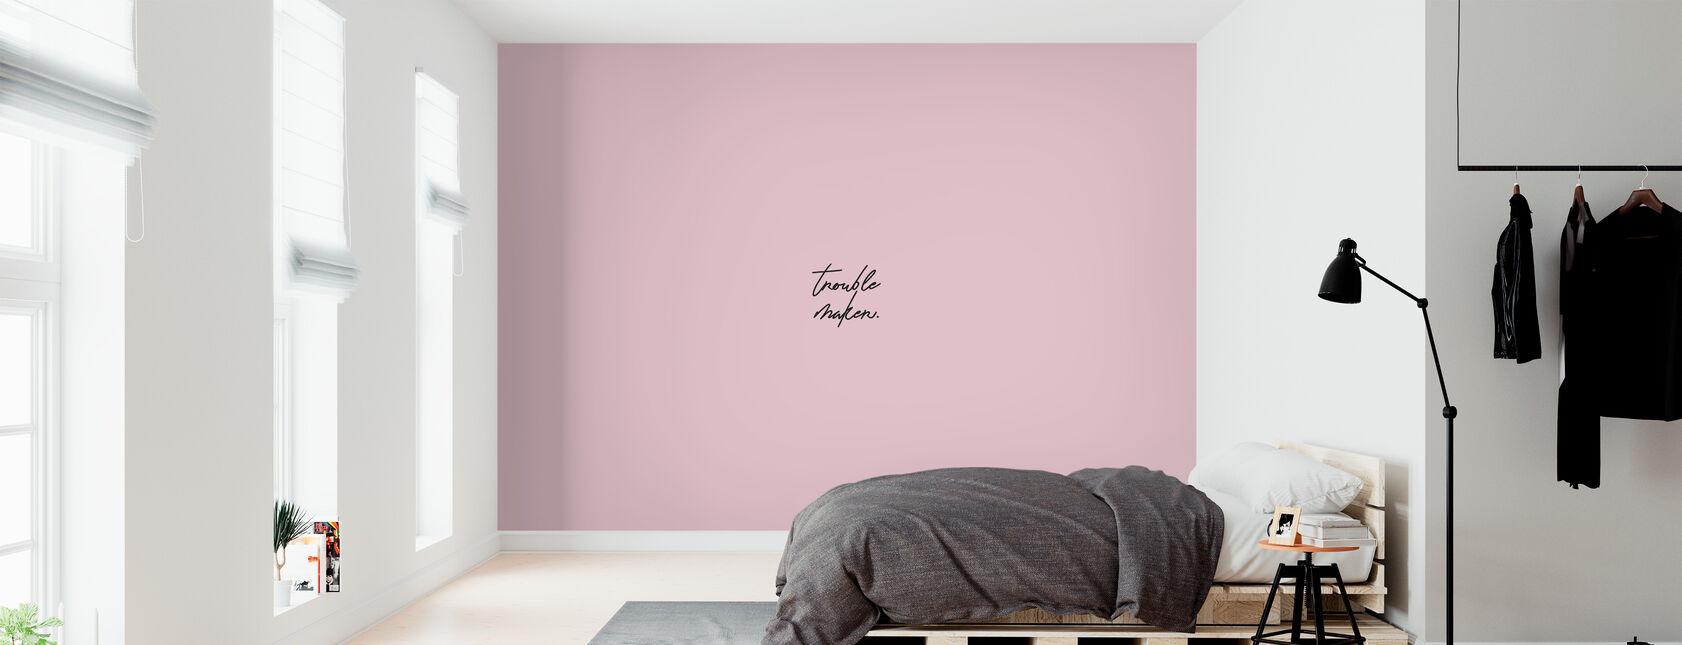 Problemen Maker - Behang - Slaapkamer